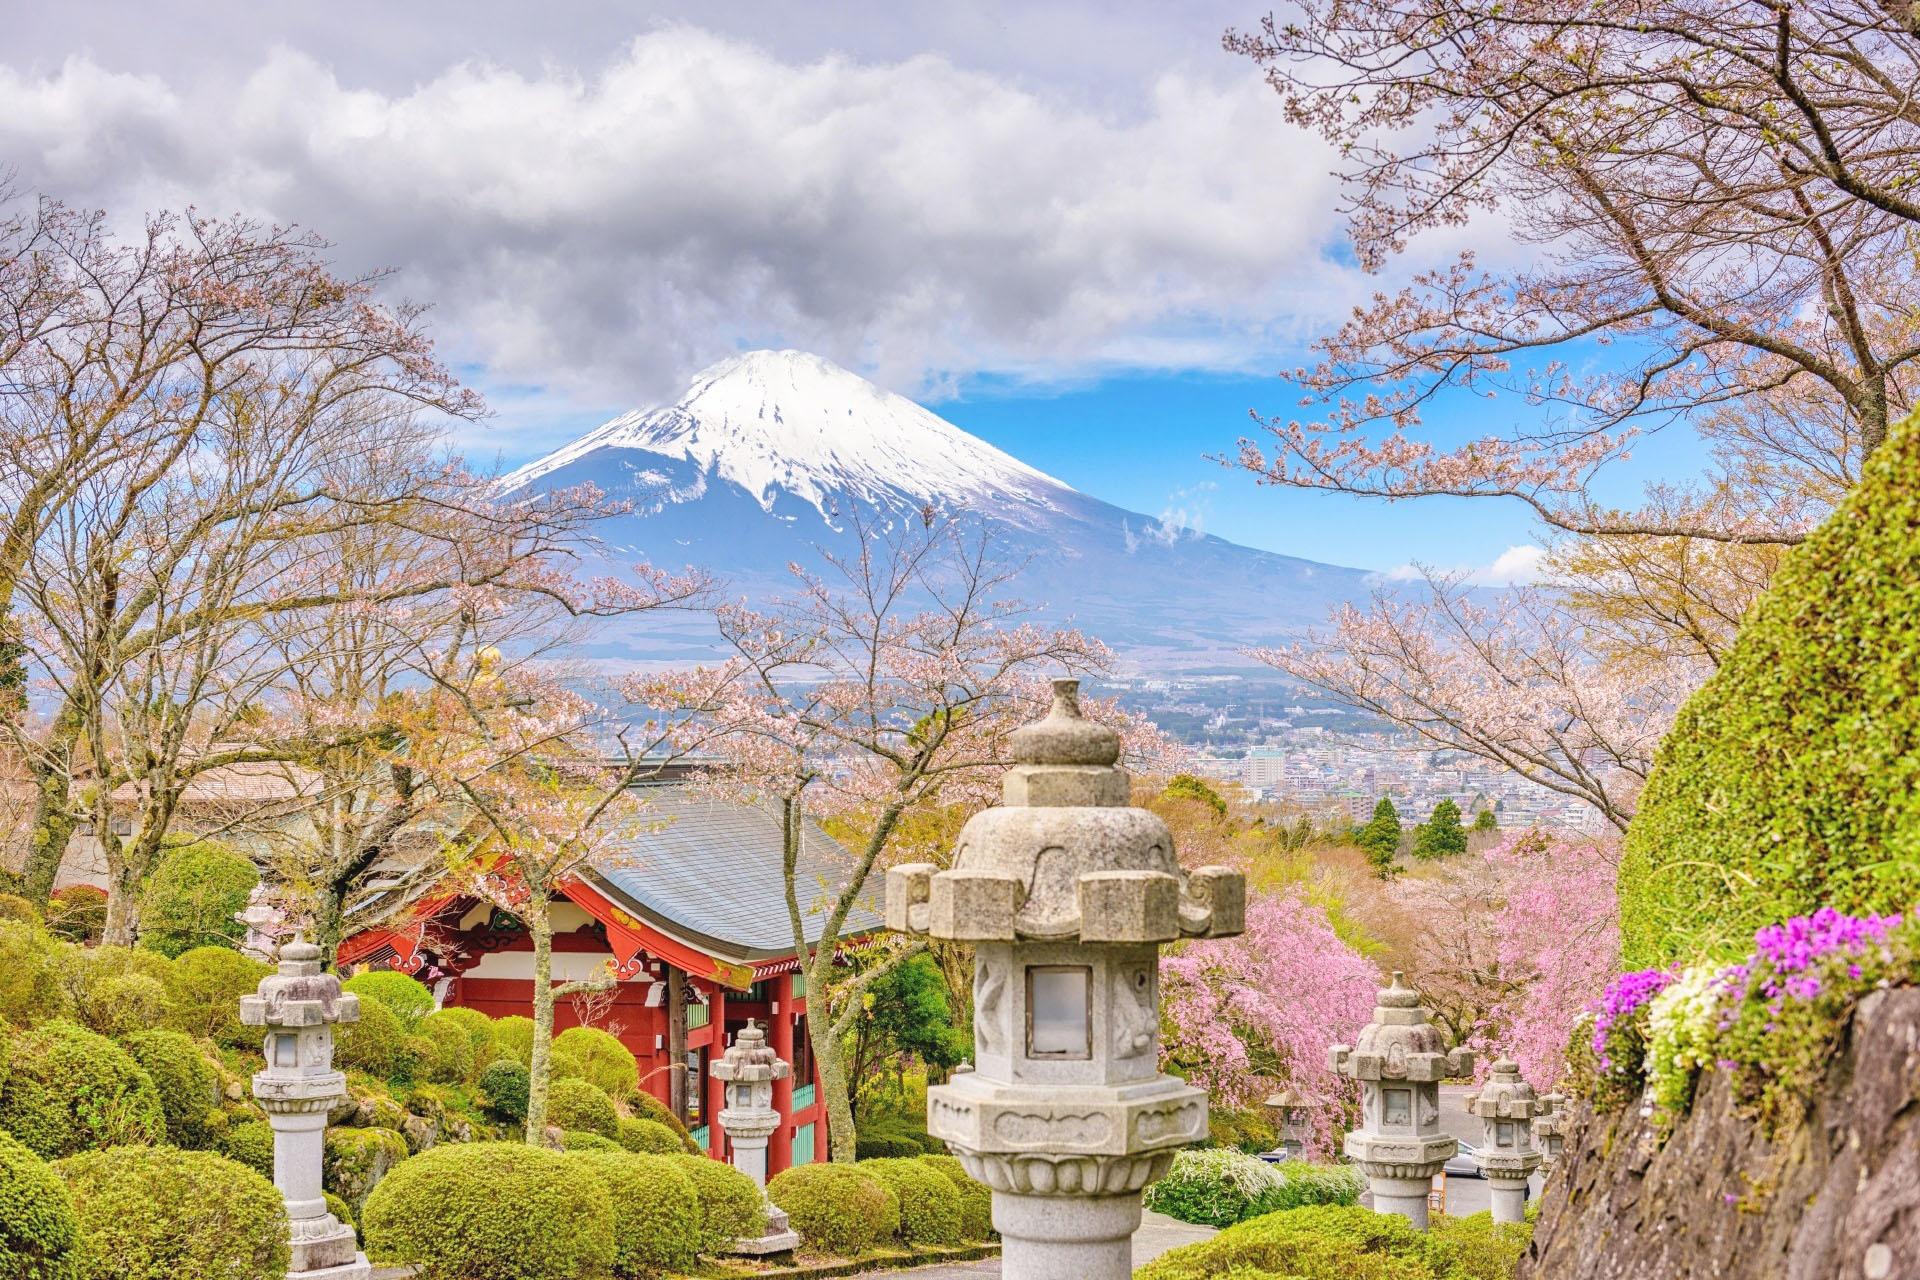 春の御殿場の風景 平和公園と富士山 静岡の風景